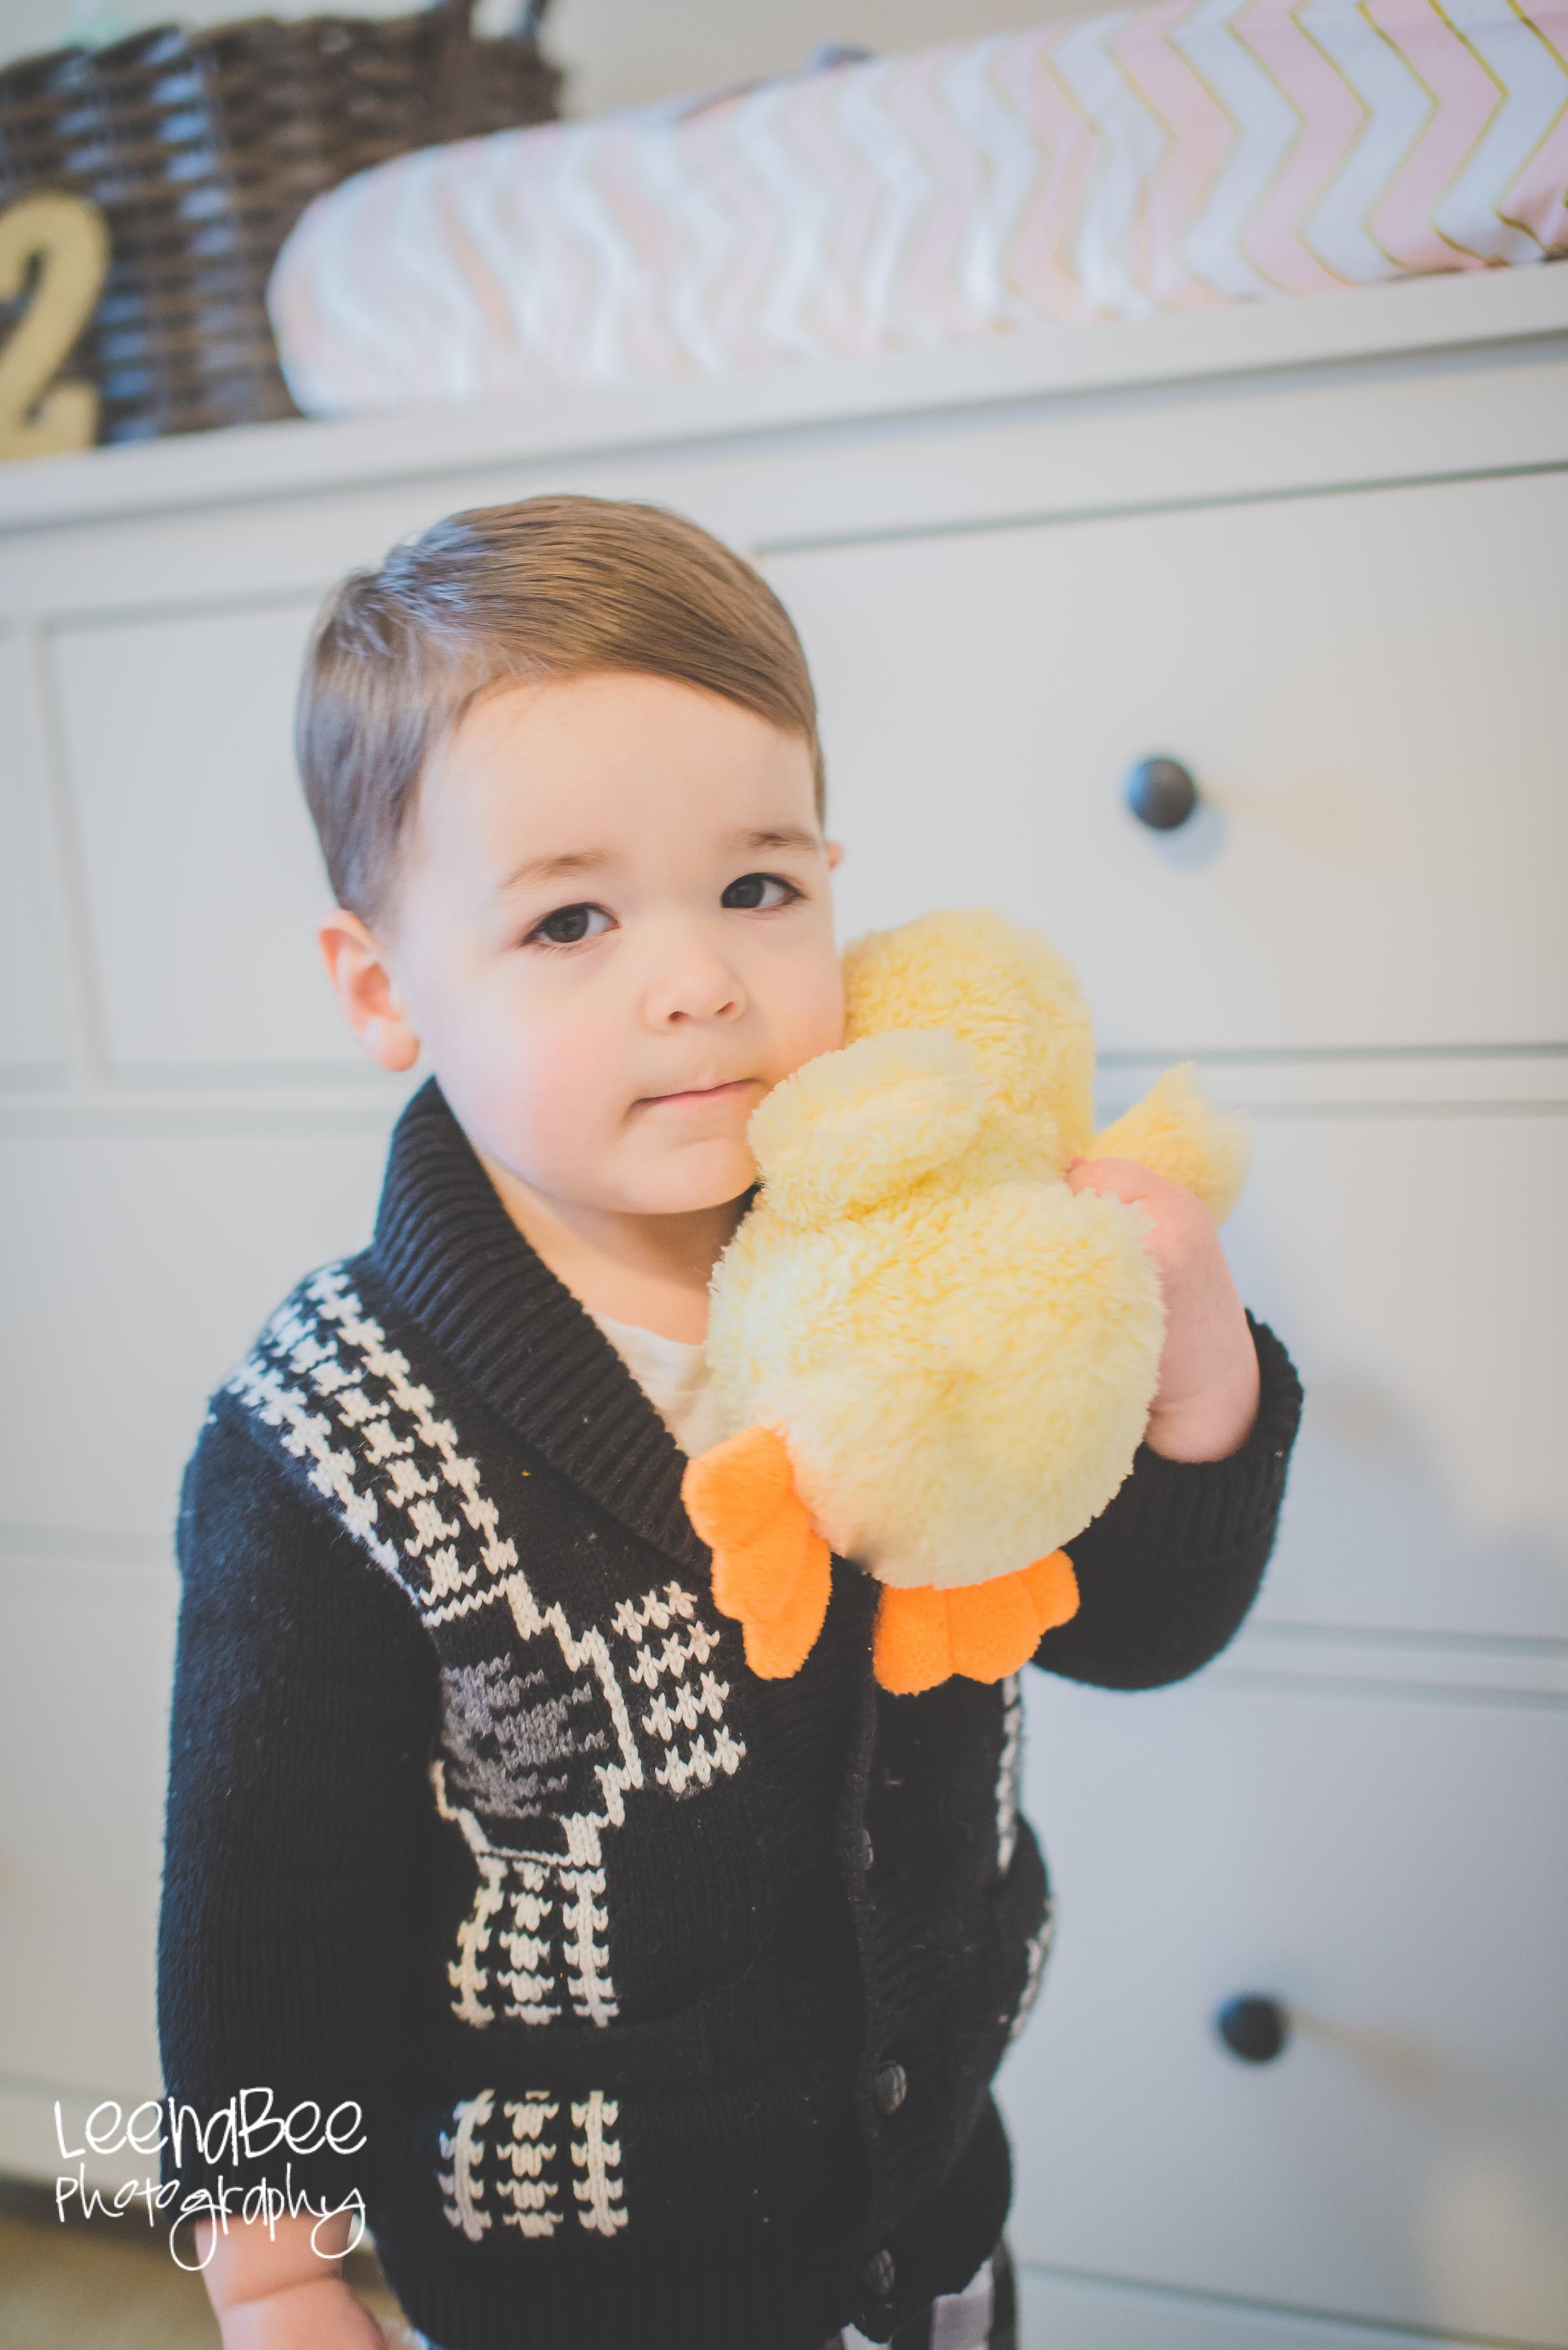 Grimm Lennon 3 months blog-3